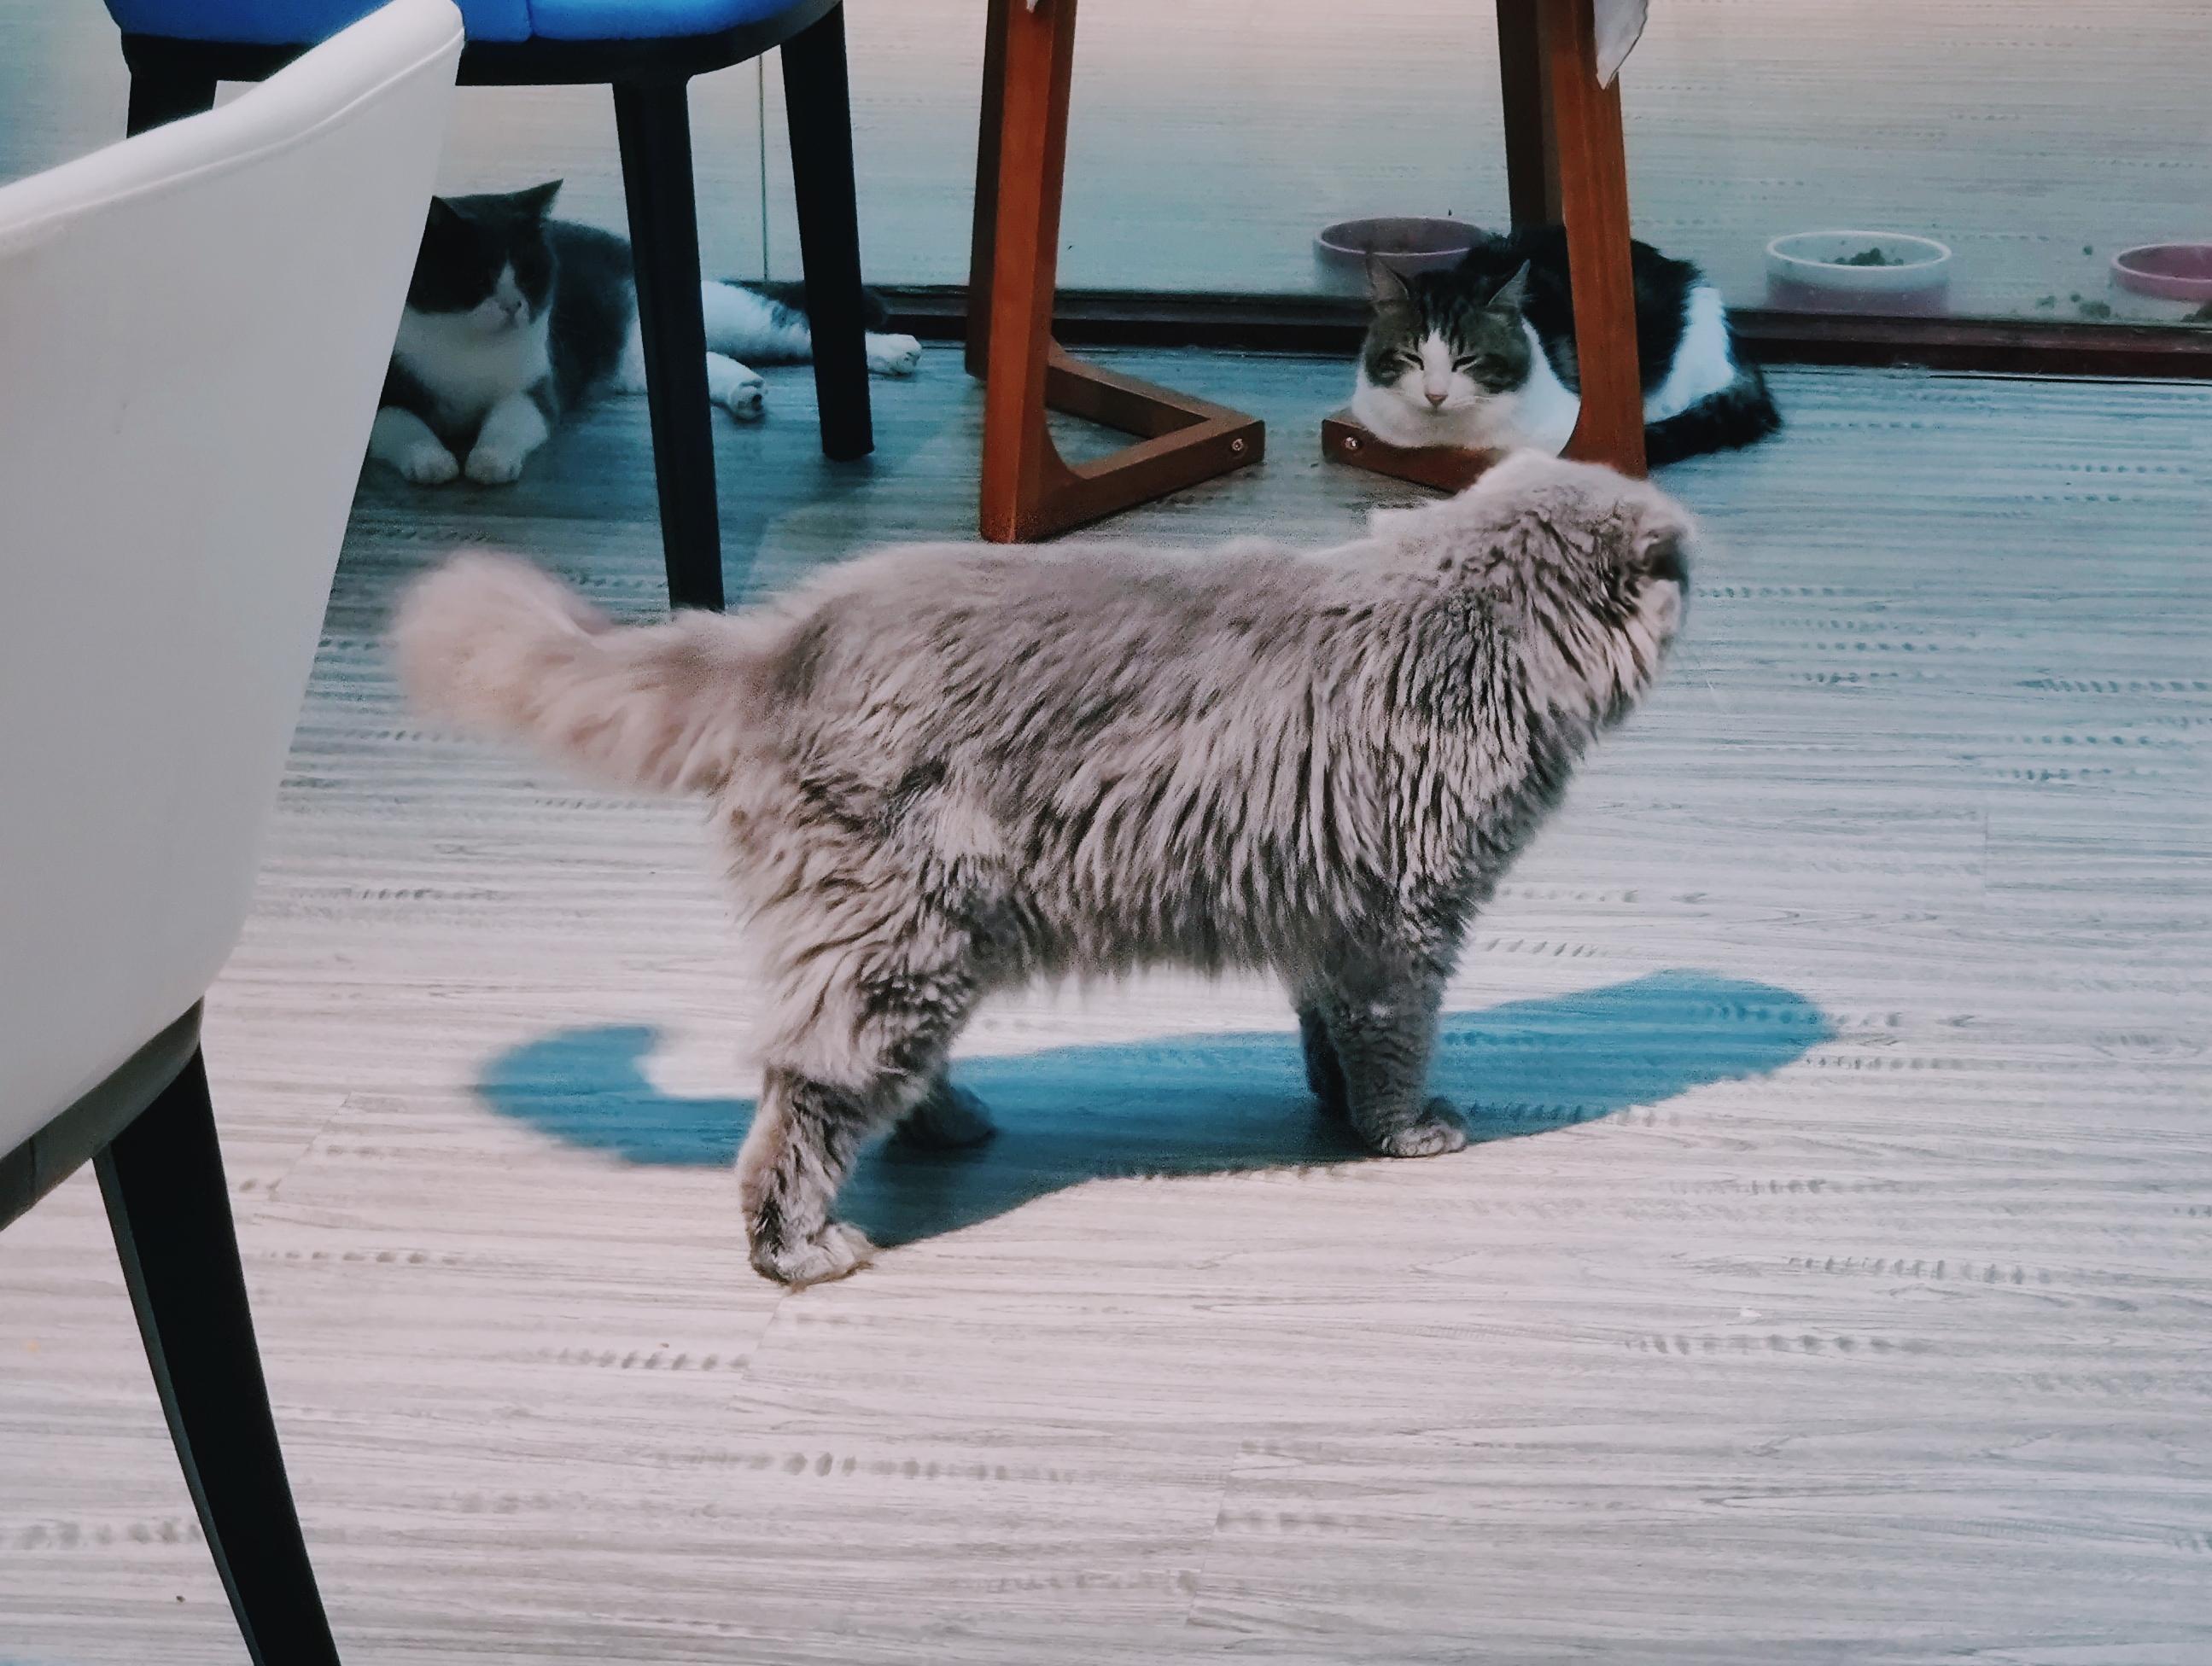 吸猫1970-01-01 08.00.00 35(1).jpg